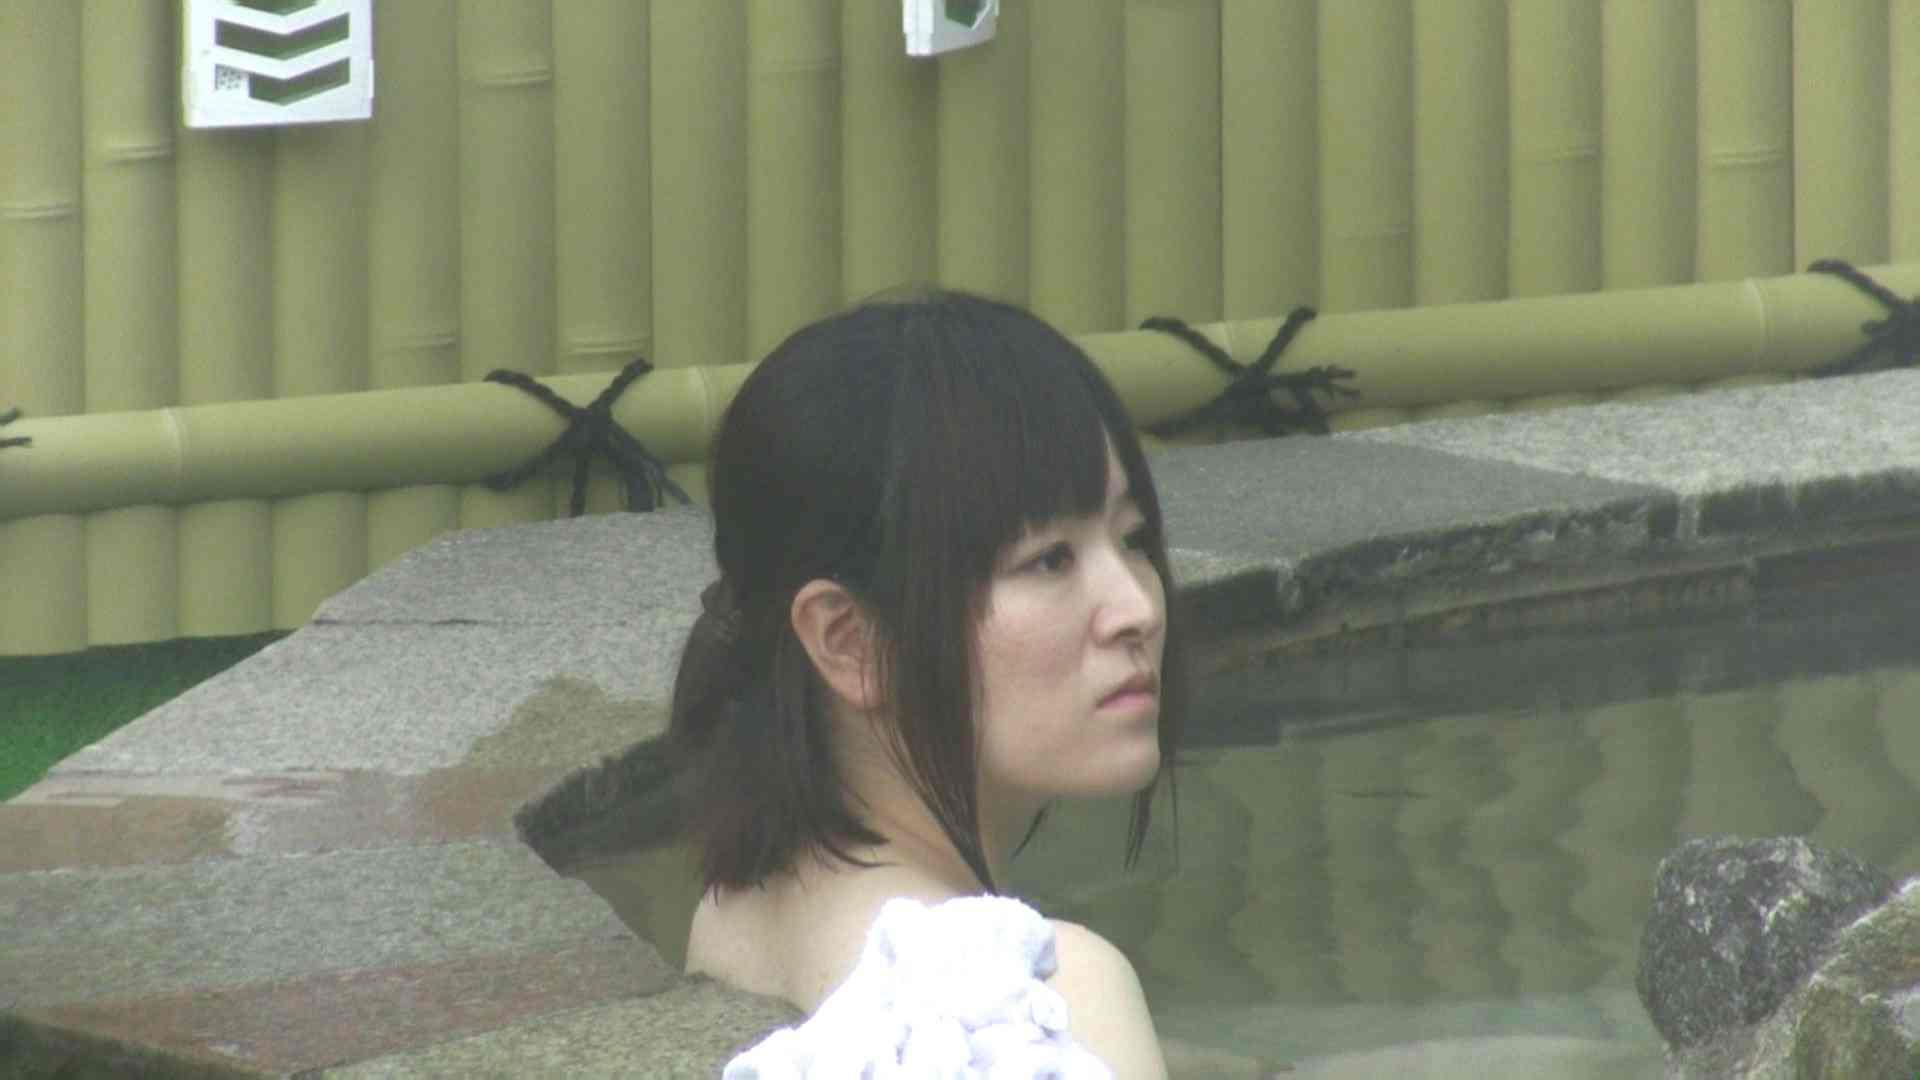 Aquaな露天風呂Vol.606 盗撮動画  11枚 2